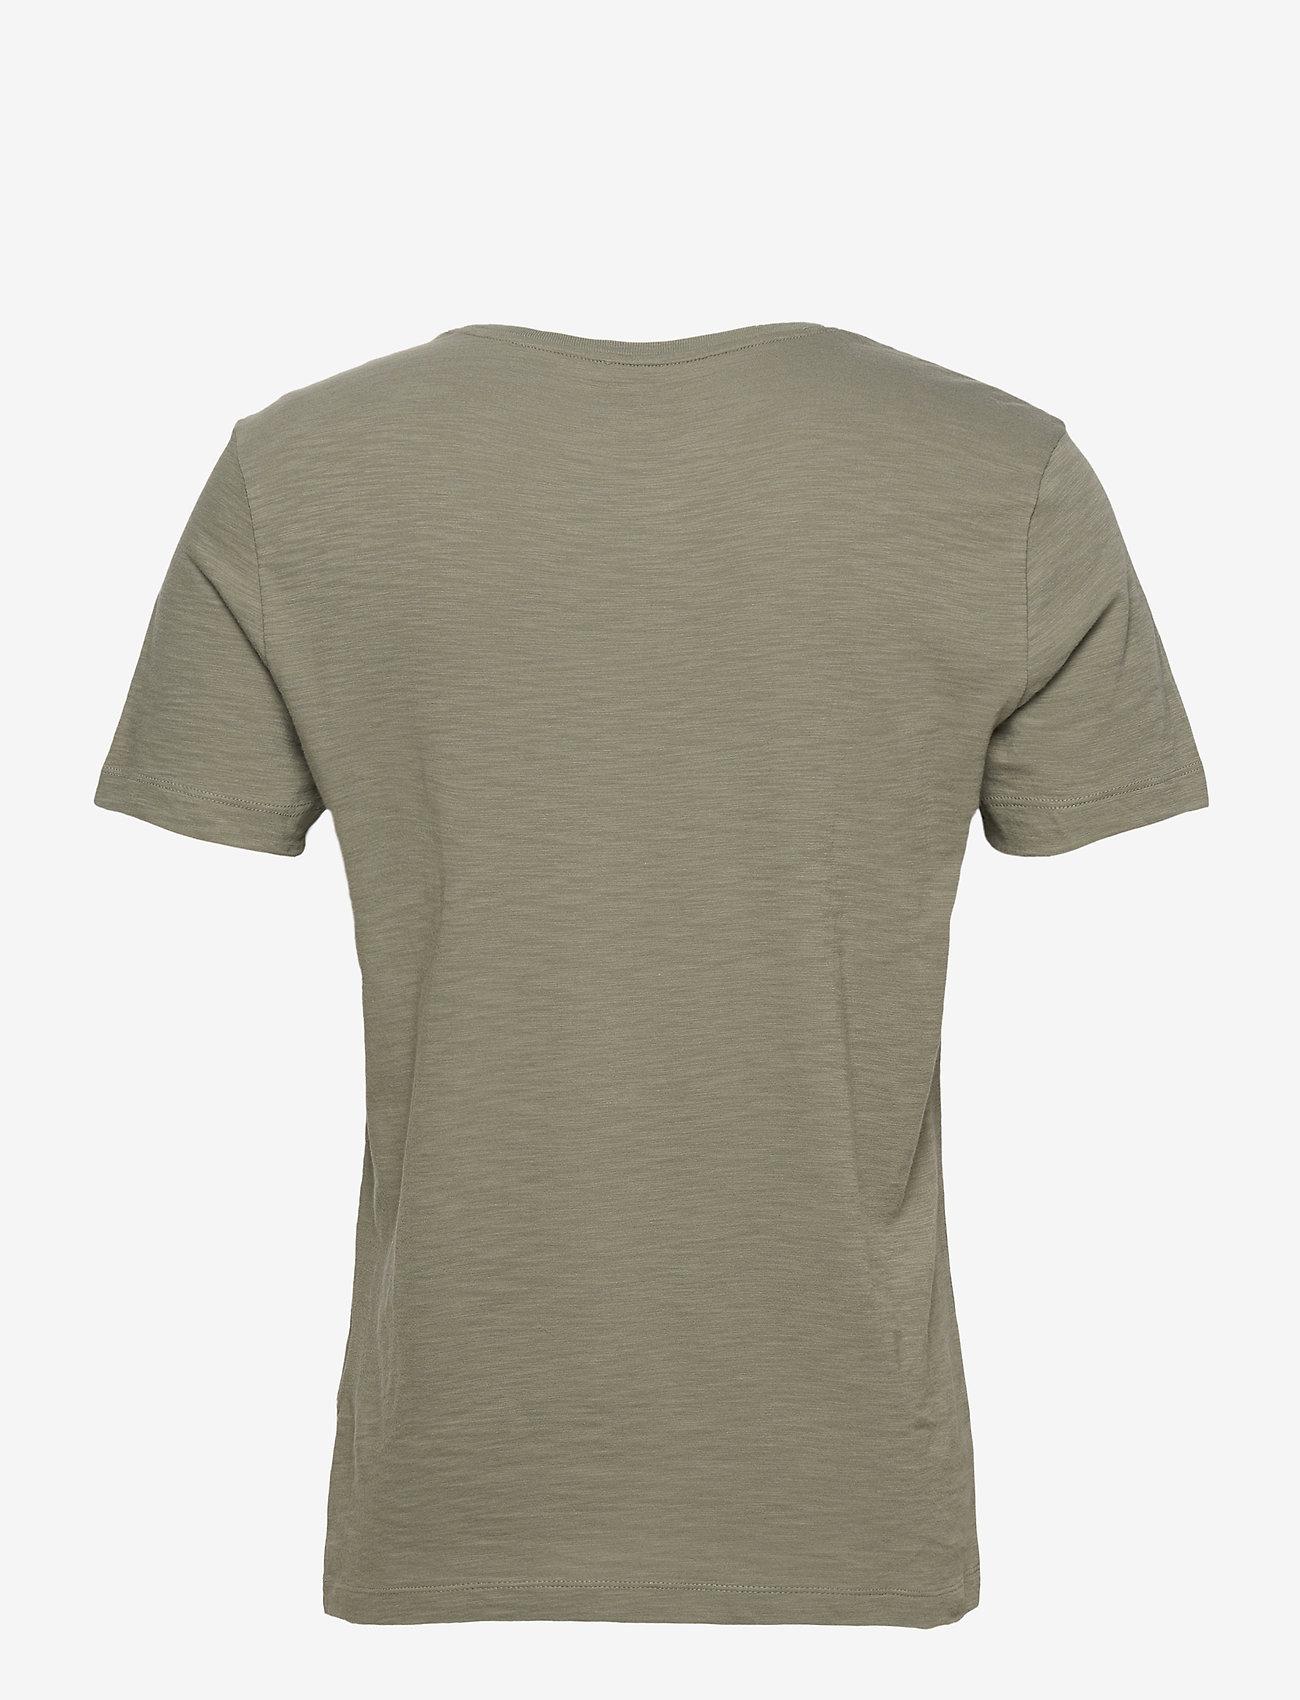 Banana Republic - I LOGO SOFTWASH ORGANIC TEE - basic t-shirts - autumn olive - 1